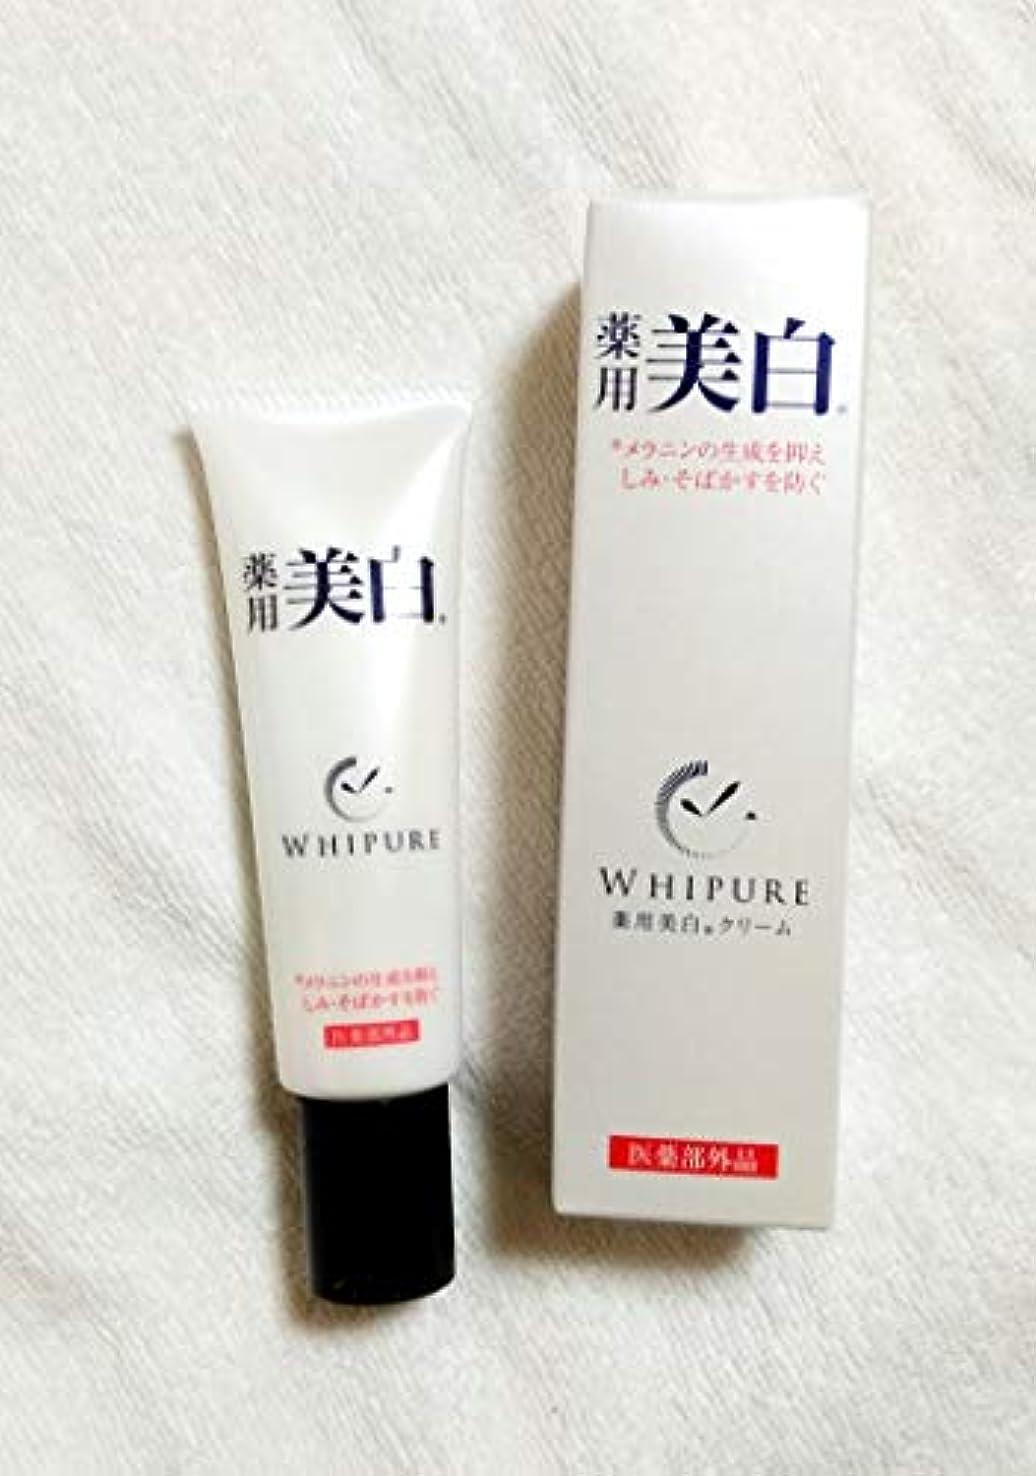 WHIPURE  薬用美白クリーム 27g